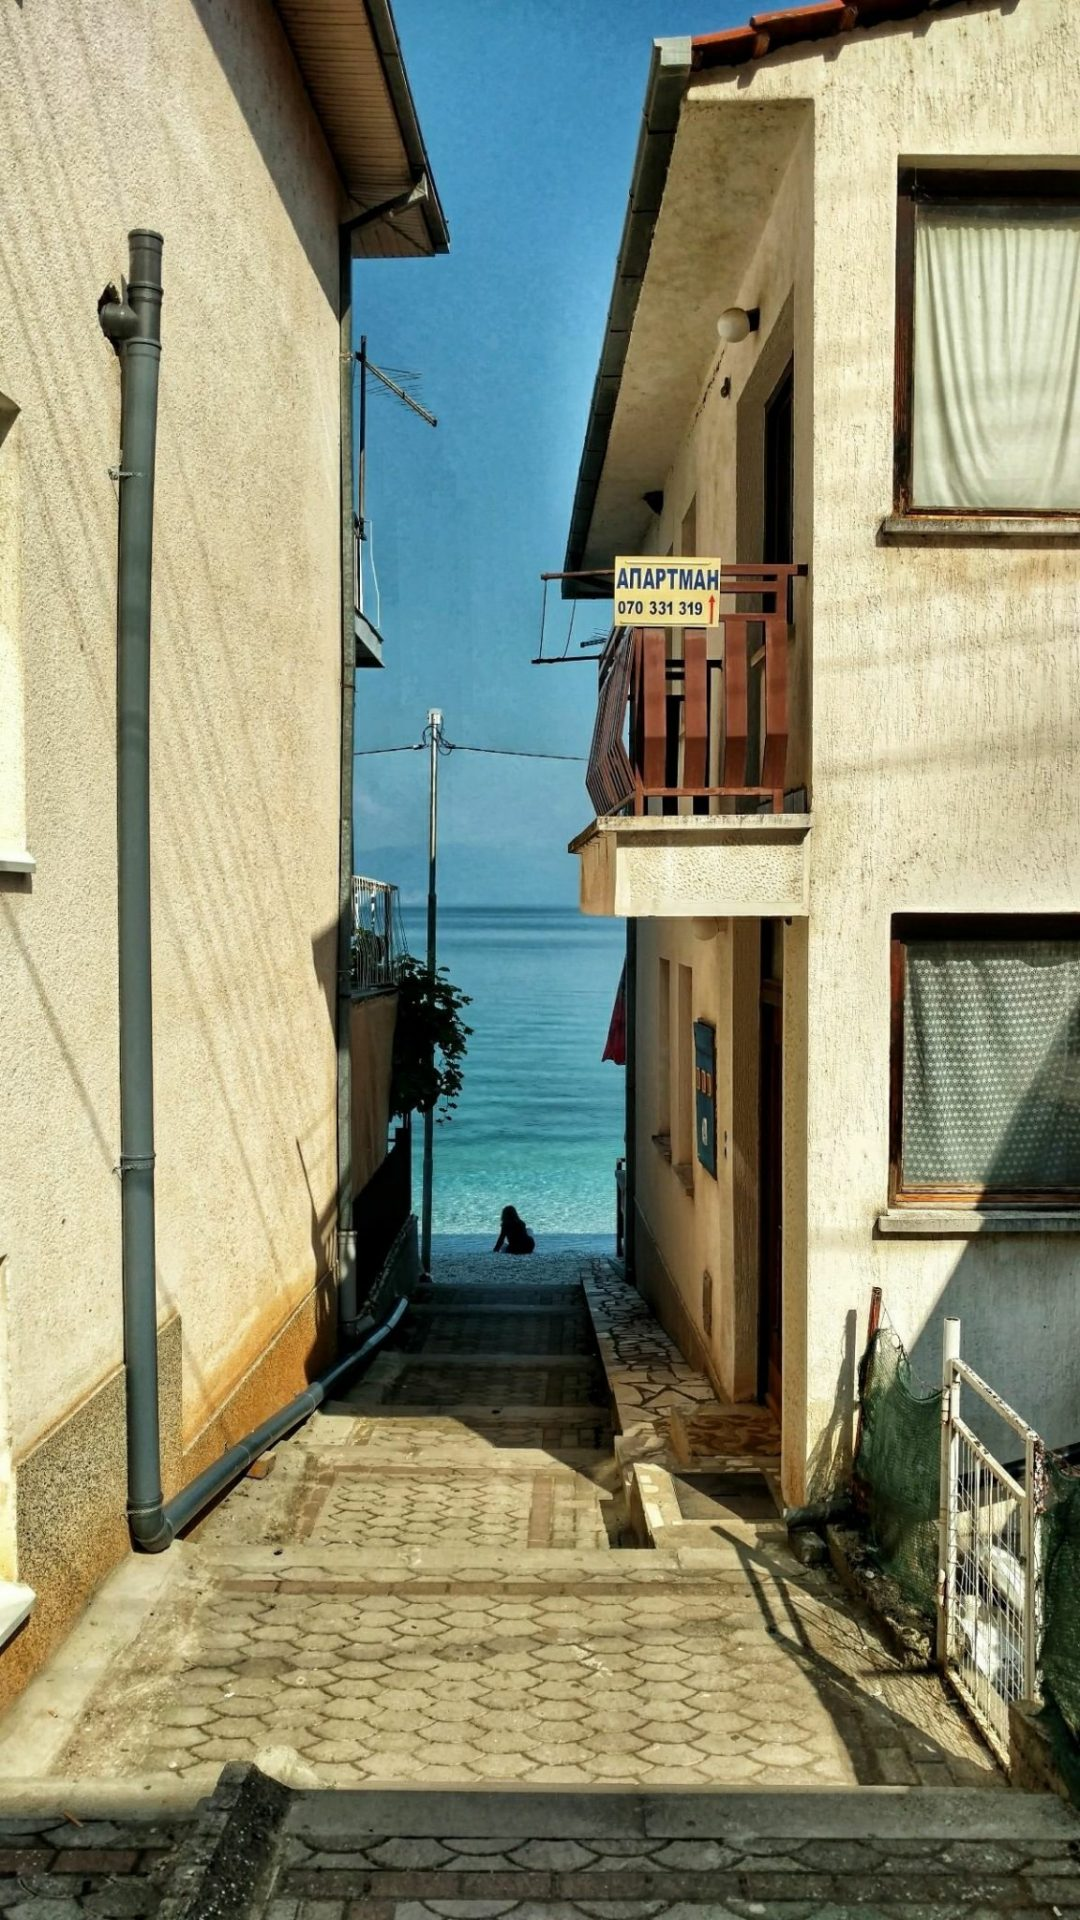 Sightseeing Ohrid | Trpejca street